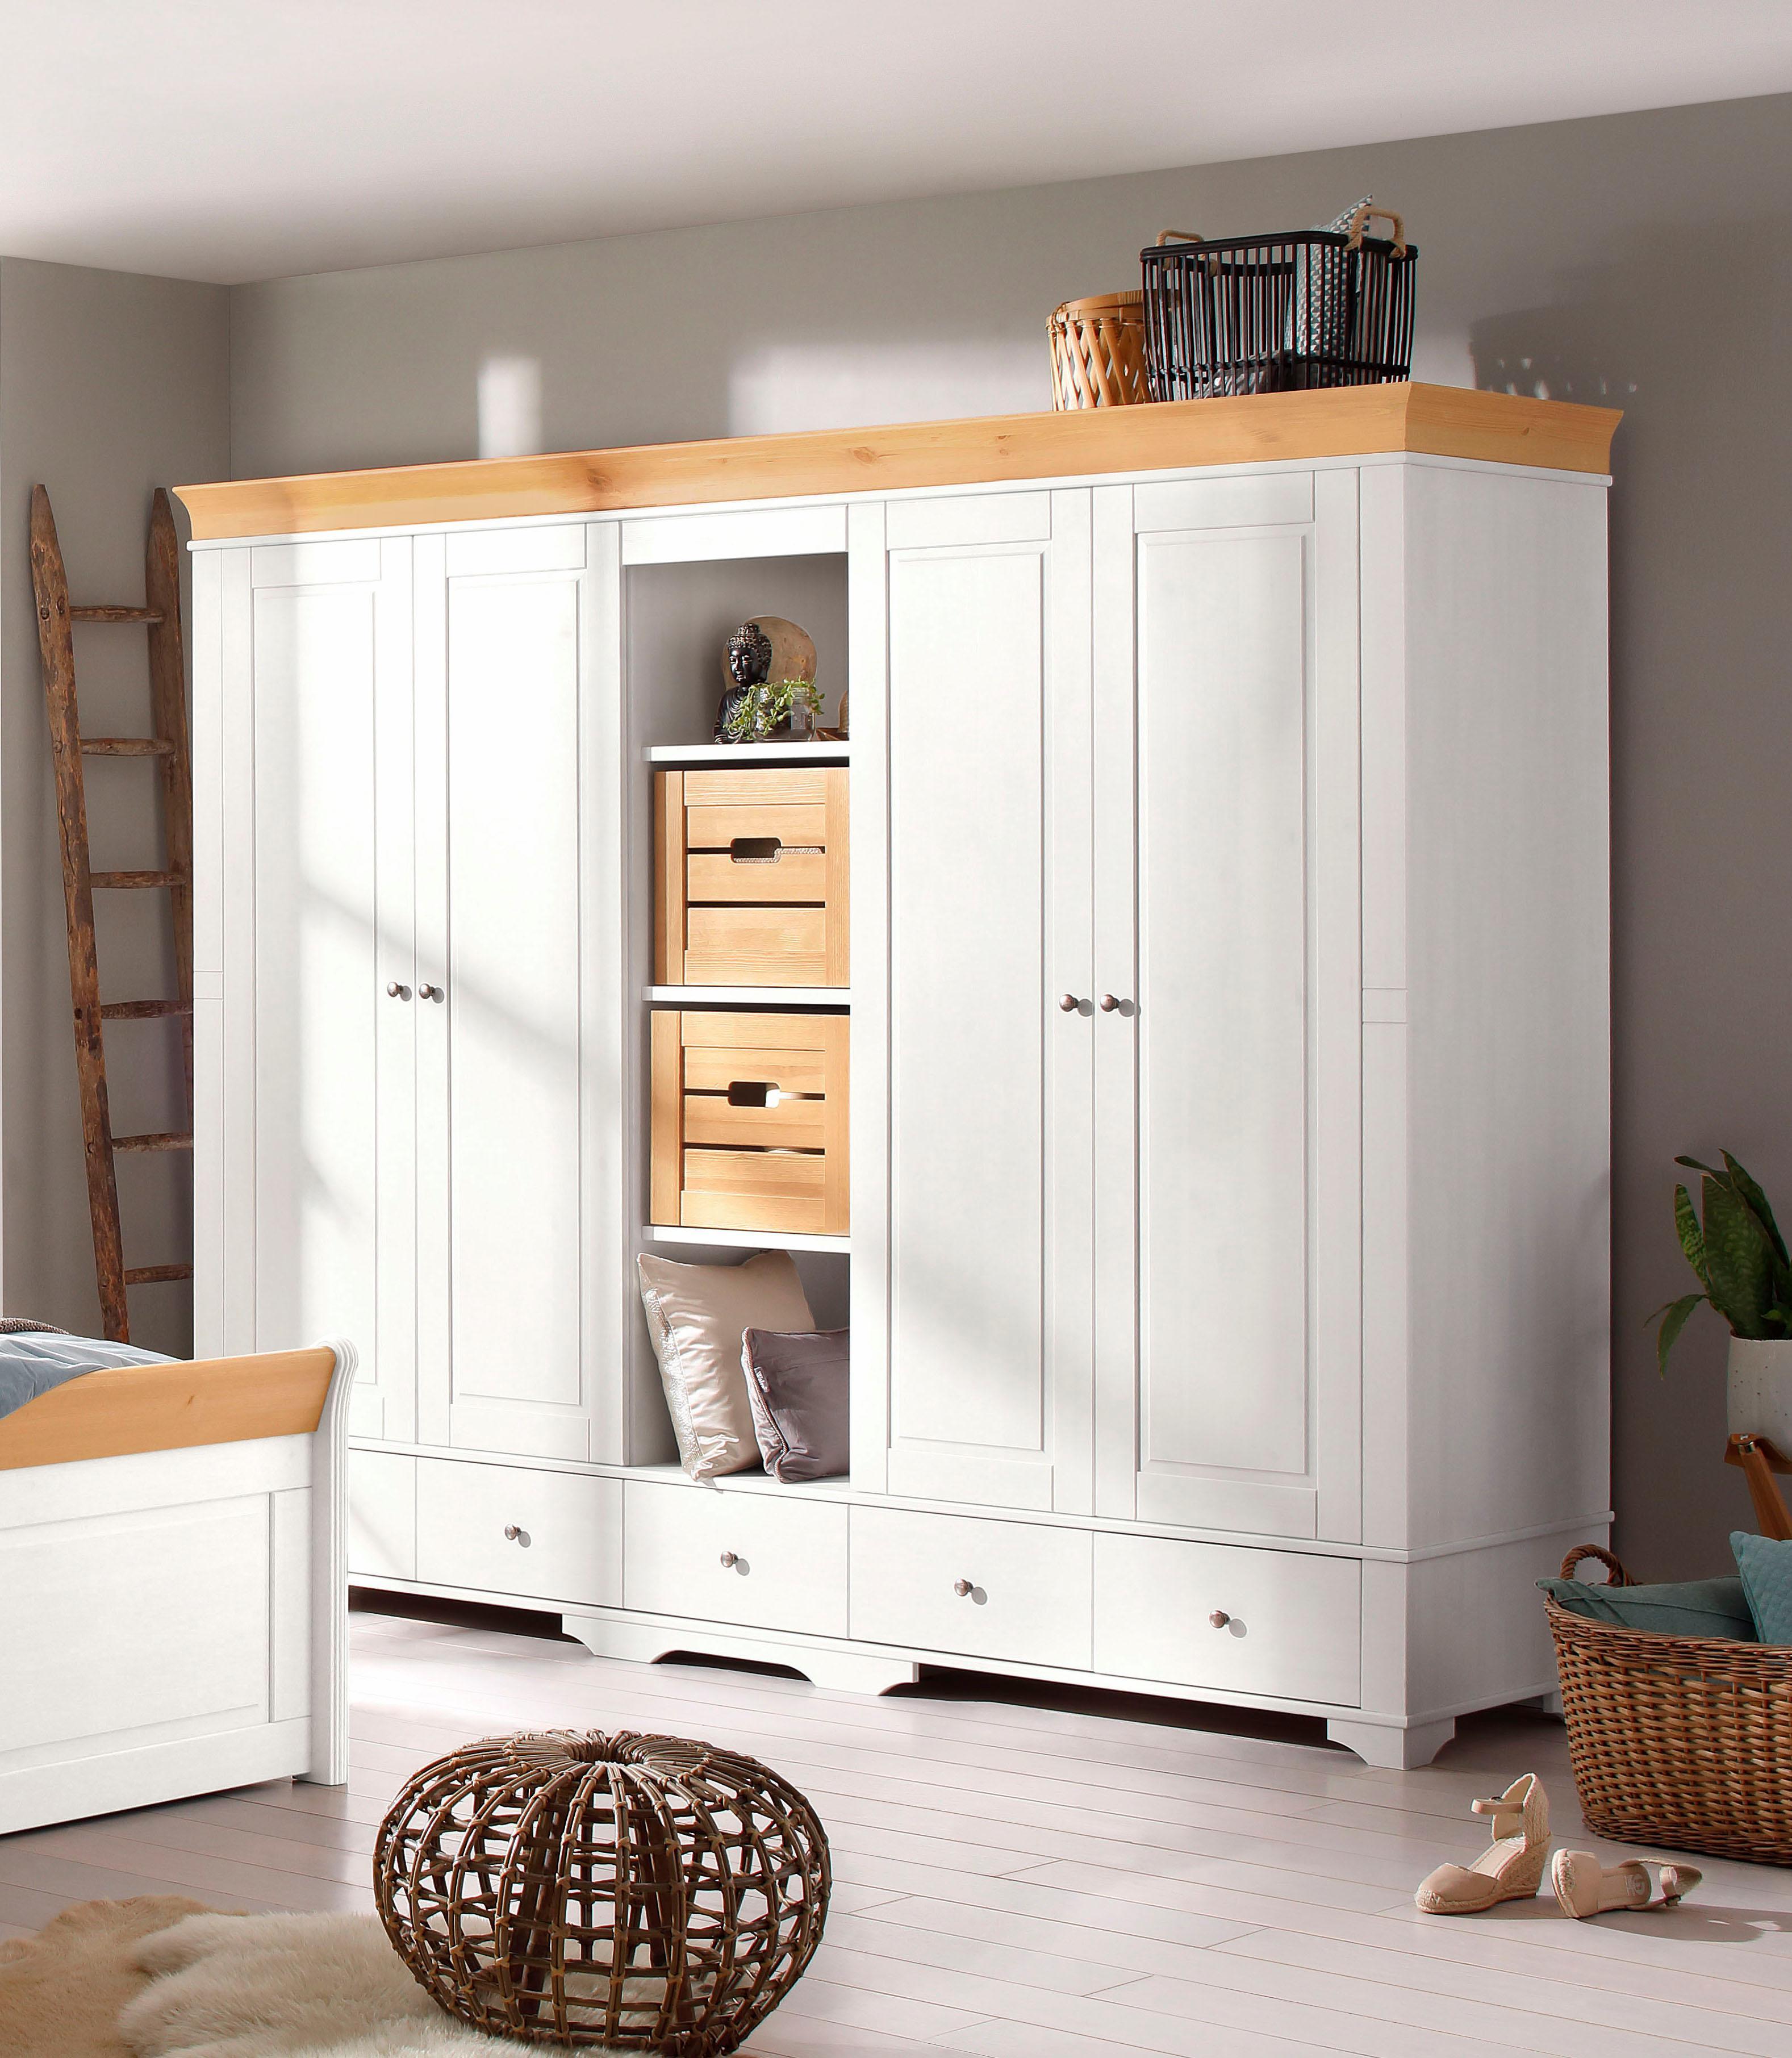 Home affaire Kleiderschrank Lotta wahlweise 2- 3- 4- oder 5-geteilt in 2 Farben